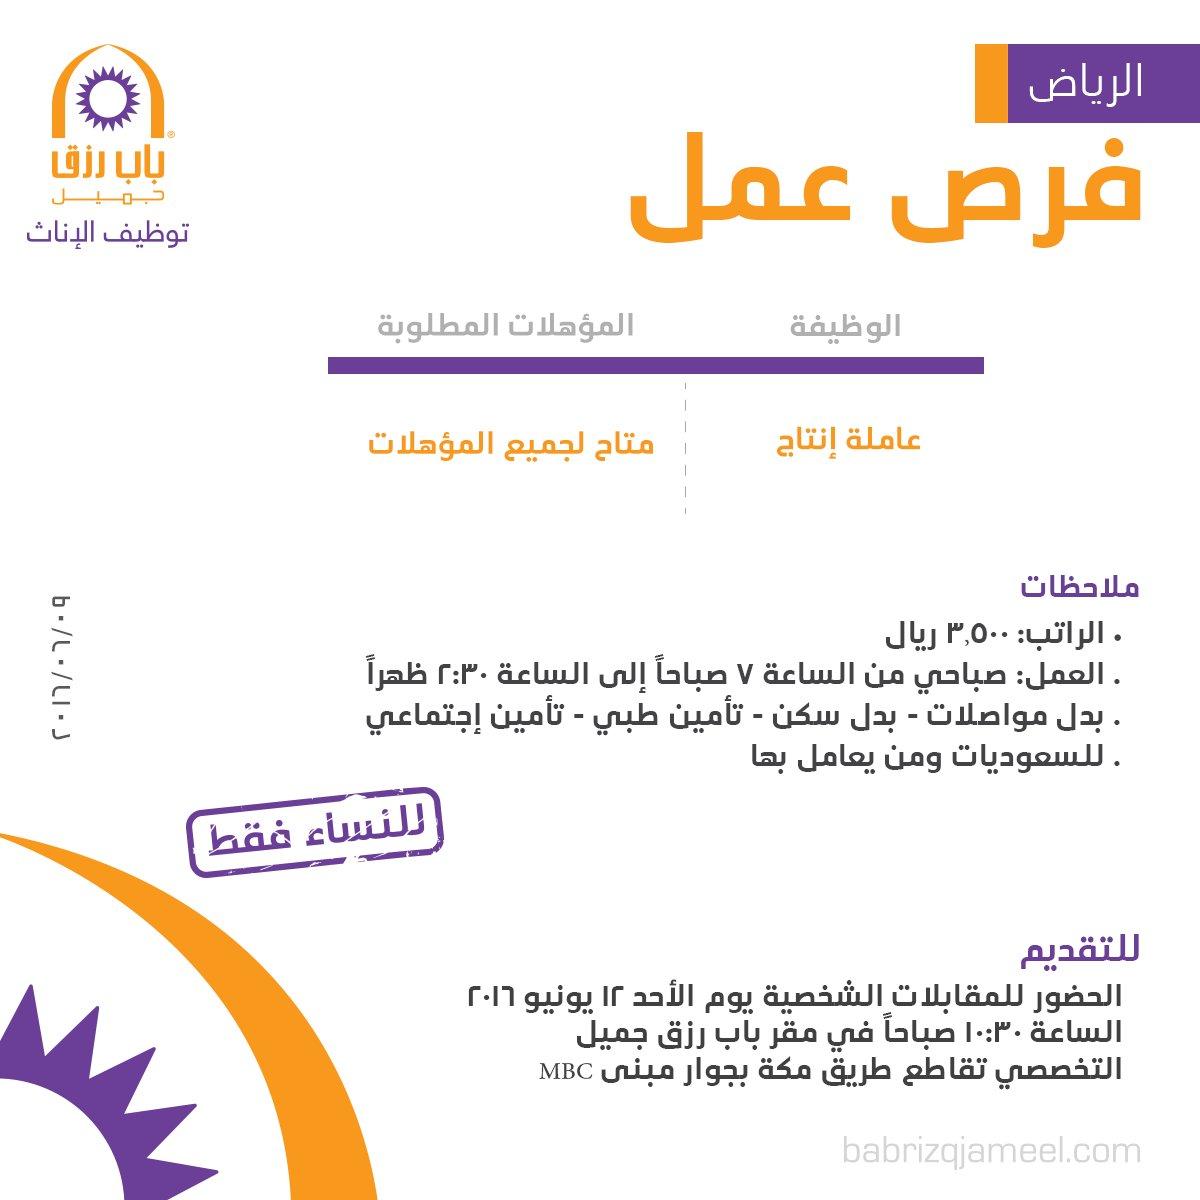 غدا الأحد التقديم على وظيفة عاملة إنتاج - الرياض